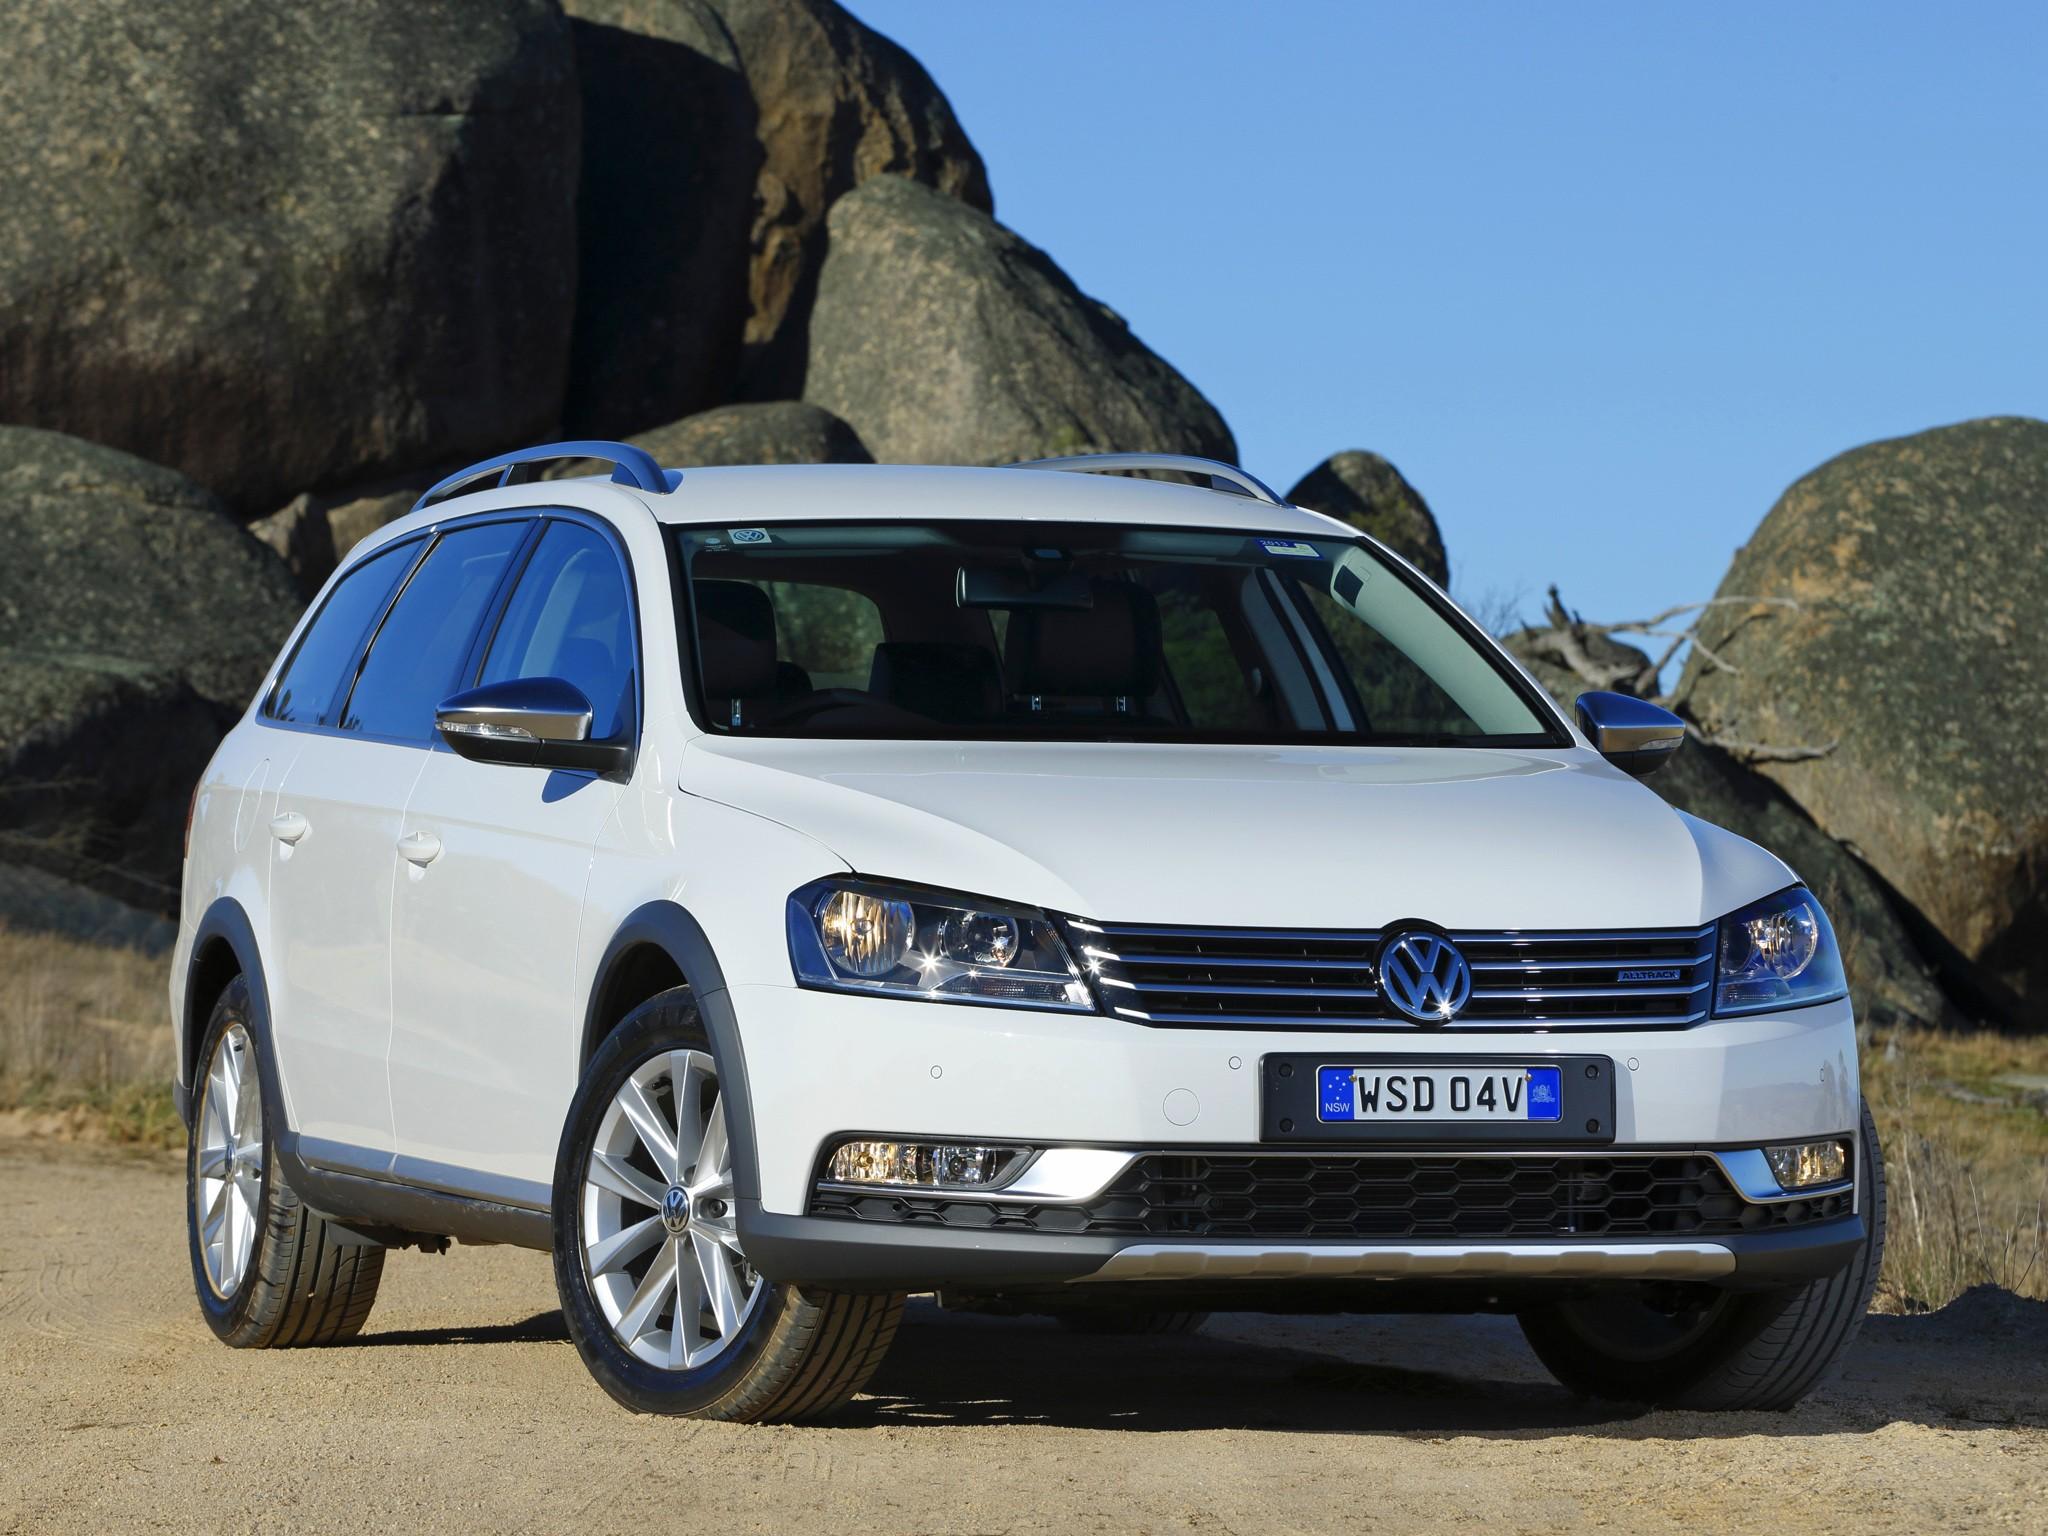 VW Passat Alltrack 365 * intégrale AUTOPLANE Garage Pliable Bâche 2012-2014